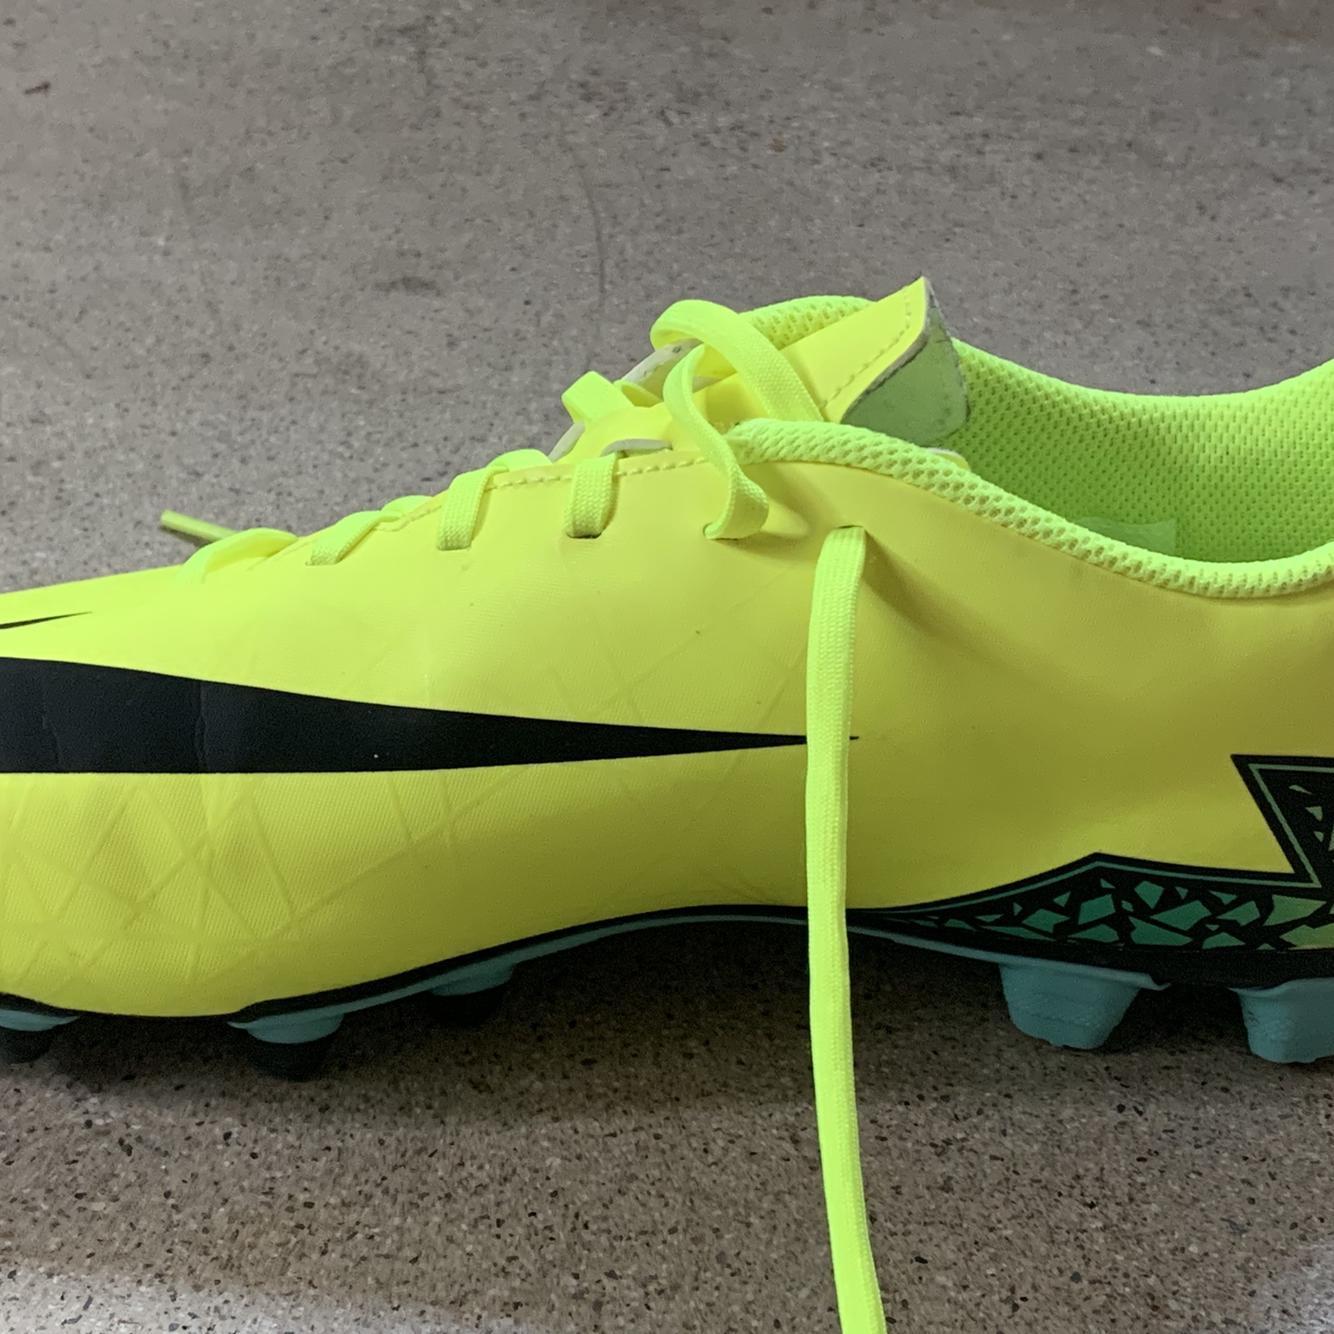 Nike neon yellow hypervenoms   Soccer